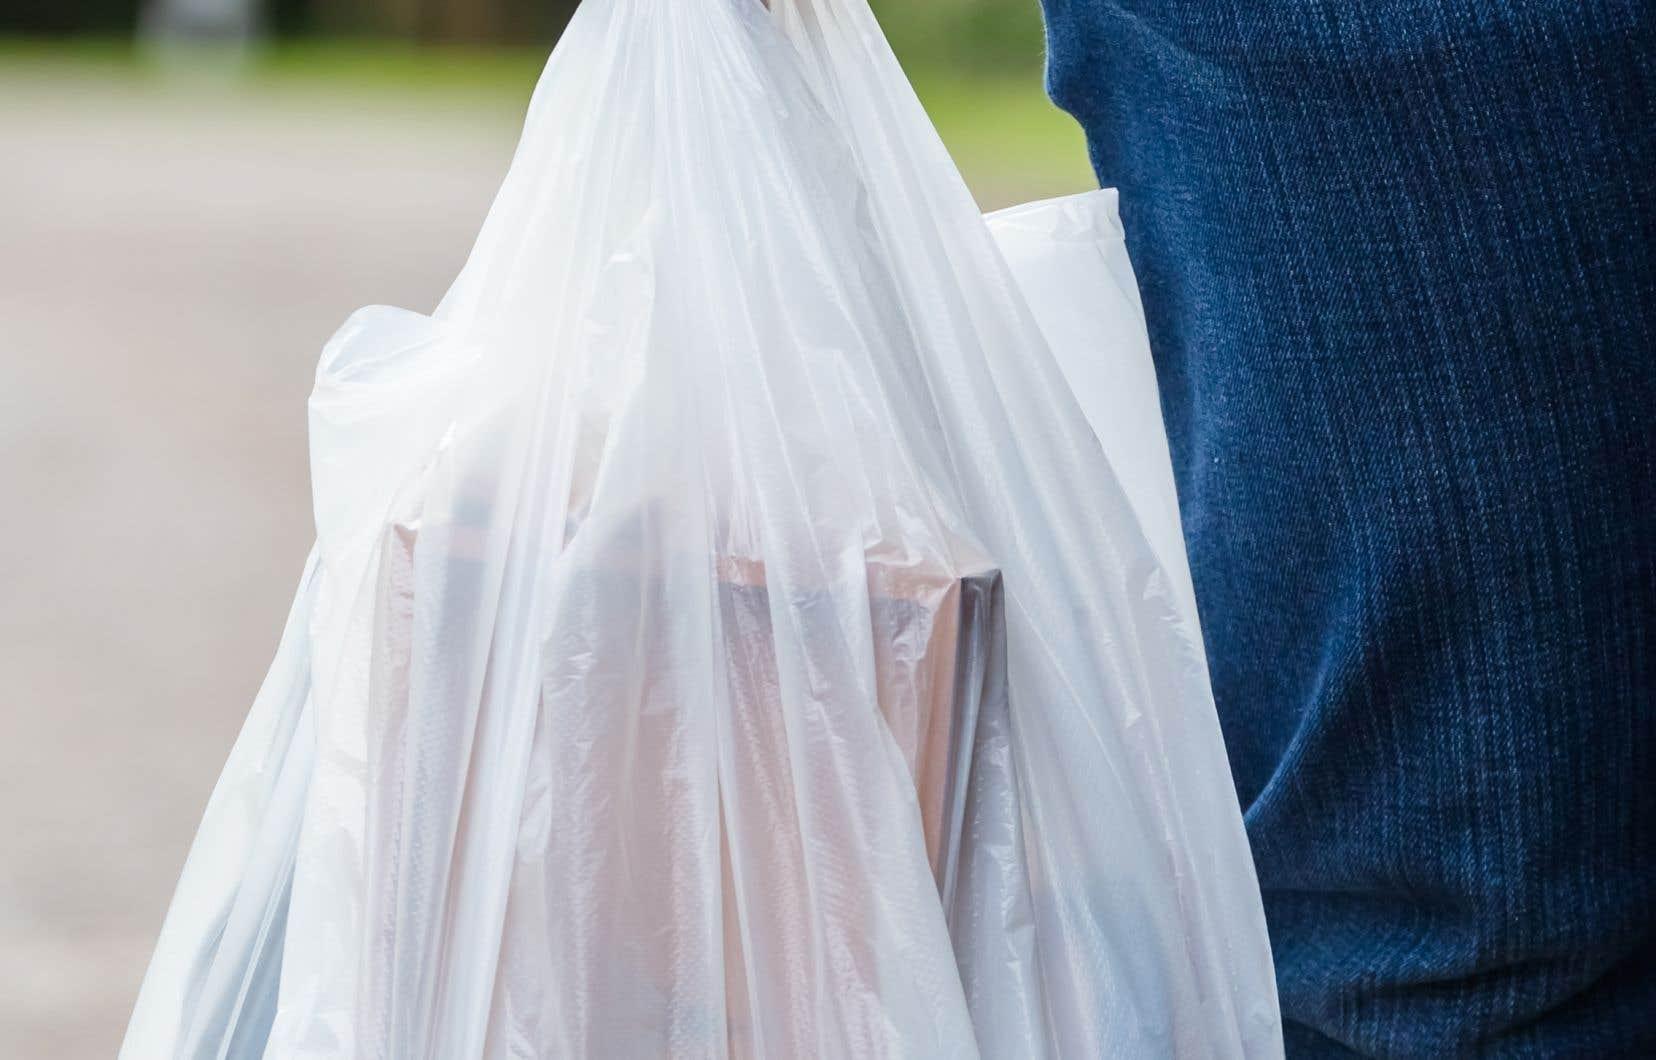 Sobeys passera rapidement à l'élimination progressive des sacs en plastique et à l'introduction des sacs en papier dans toutes ses bannières à l'échelle nationale.